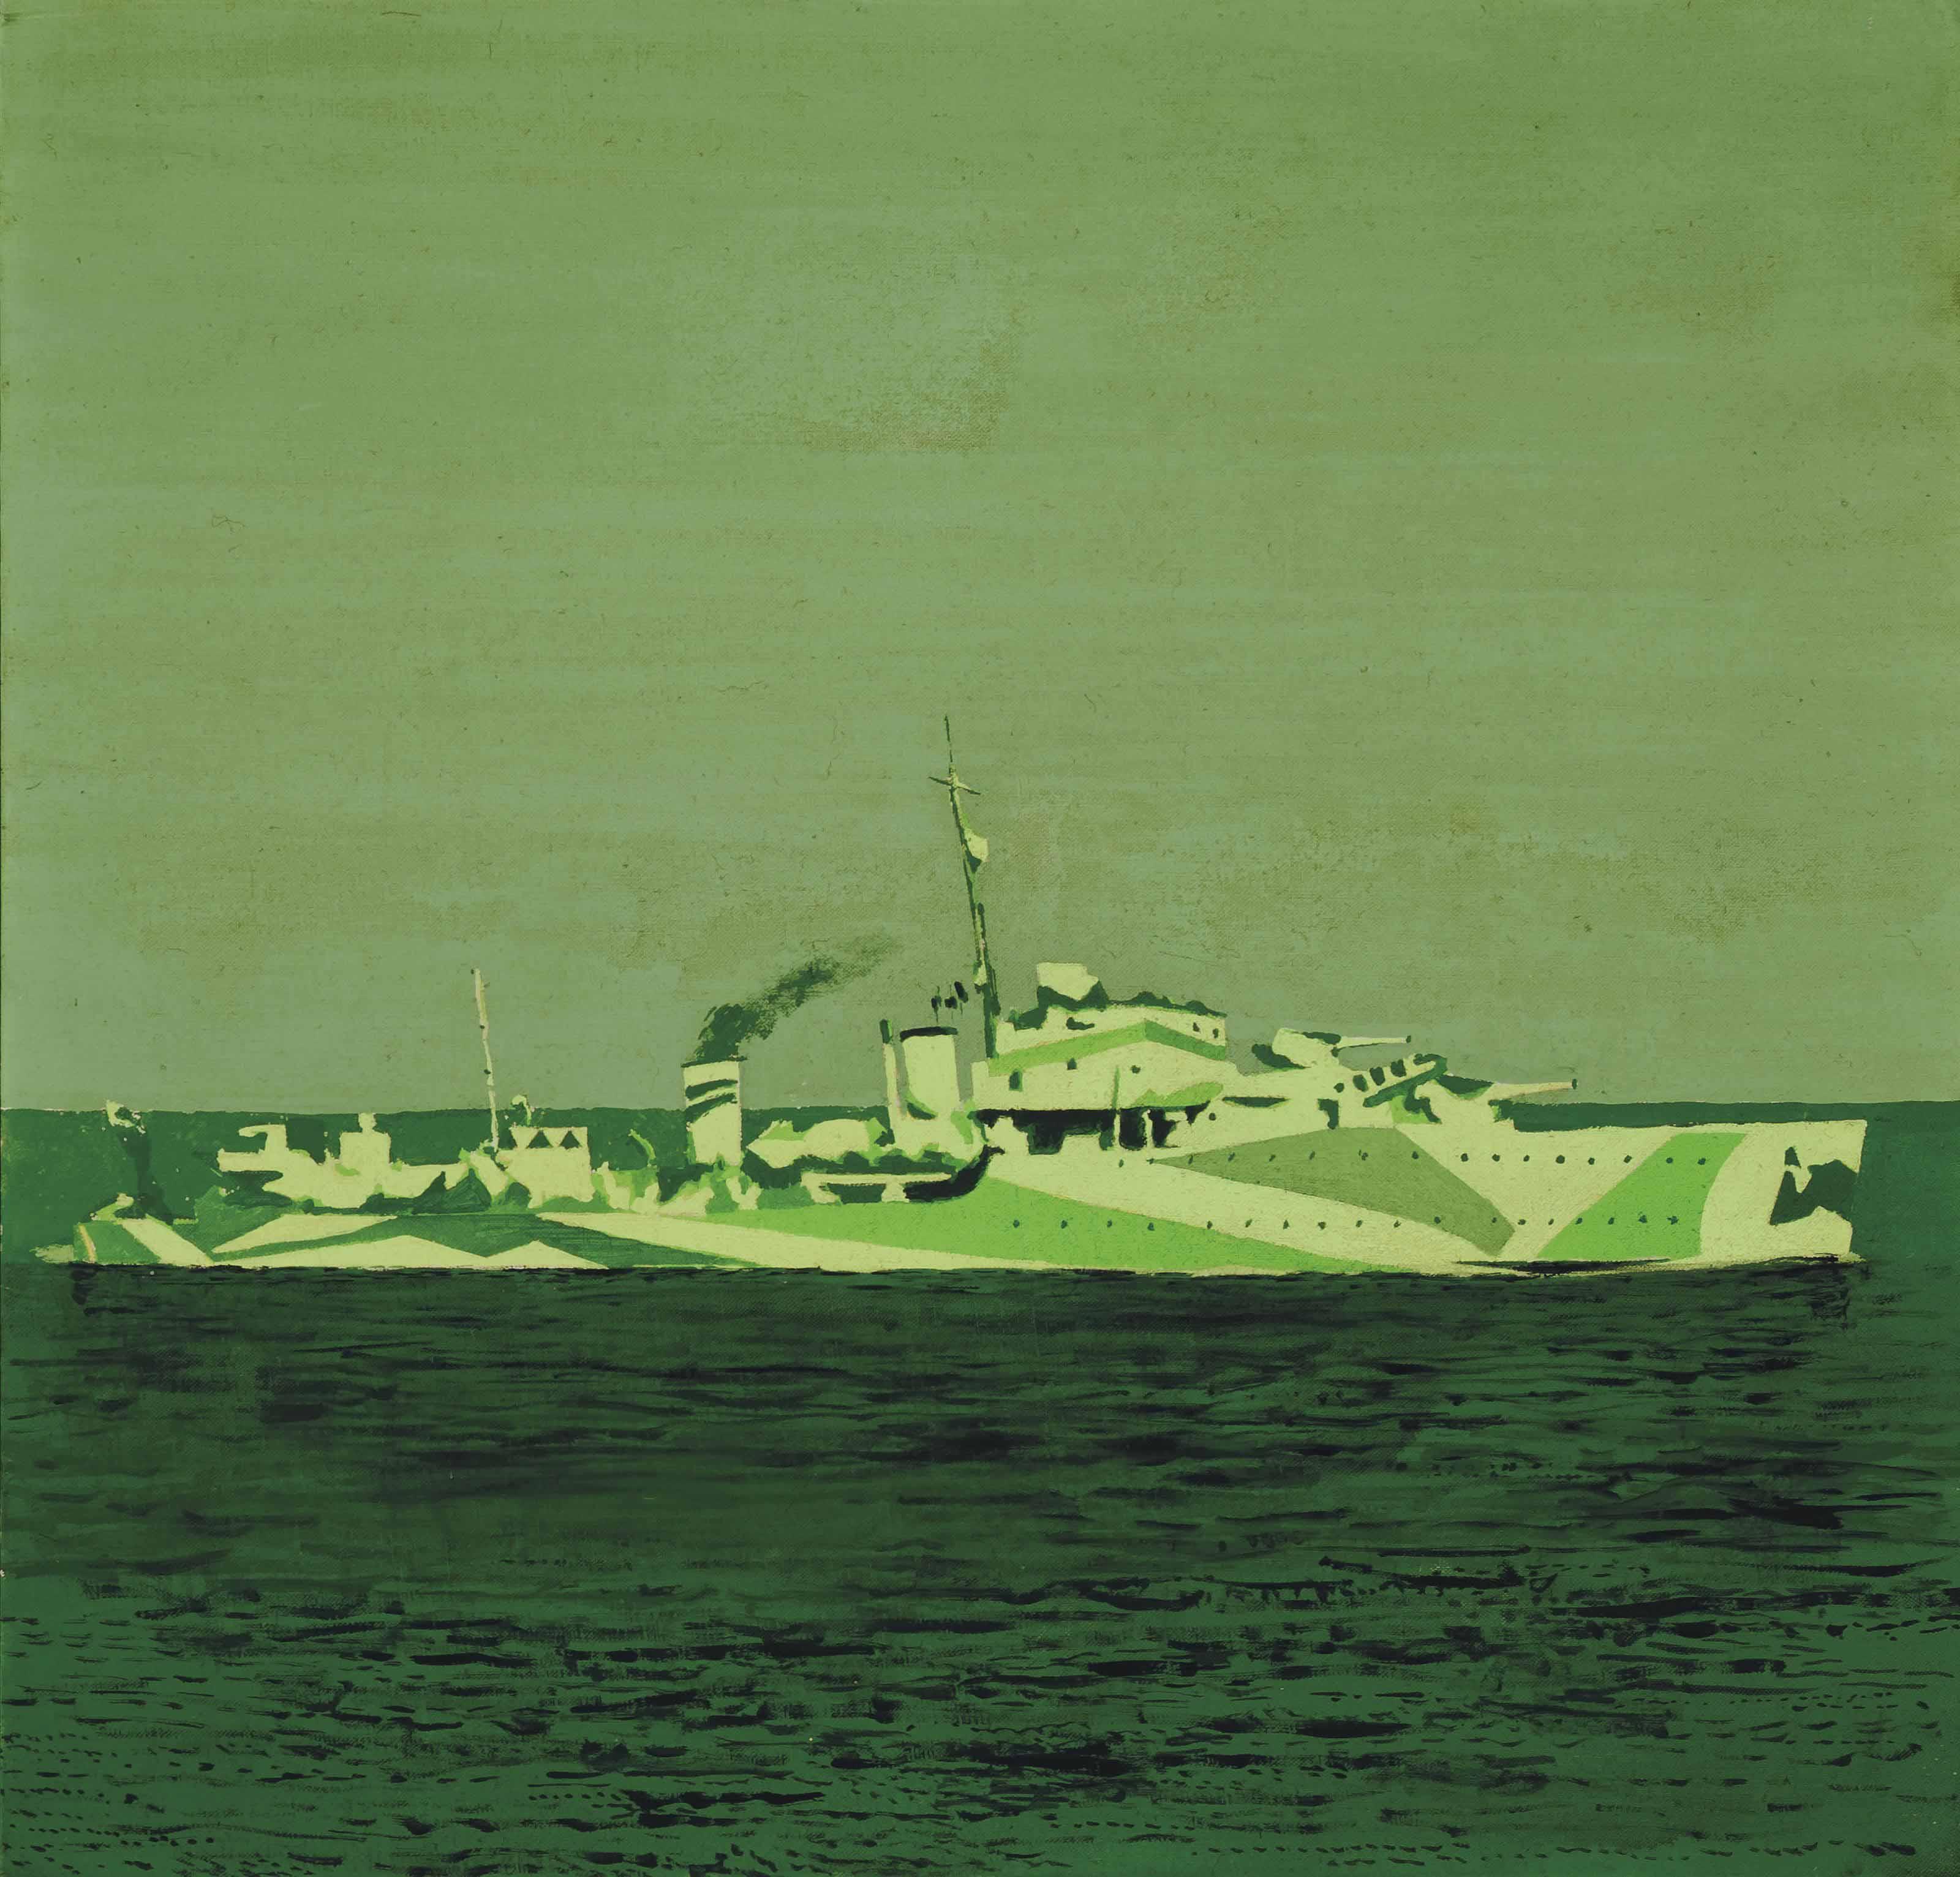 H.M.S. The Escort (Destroyer)